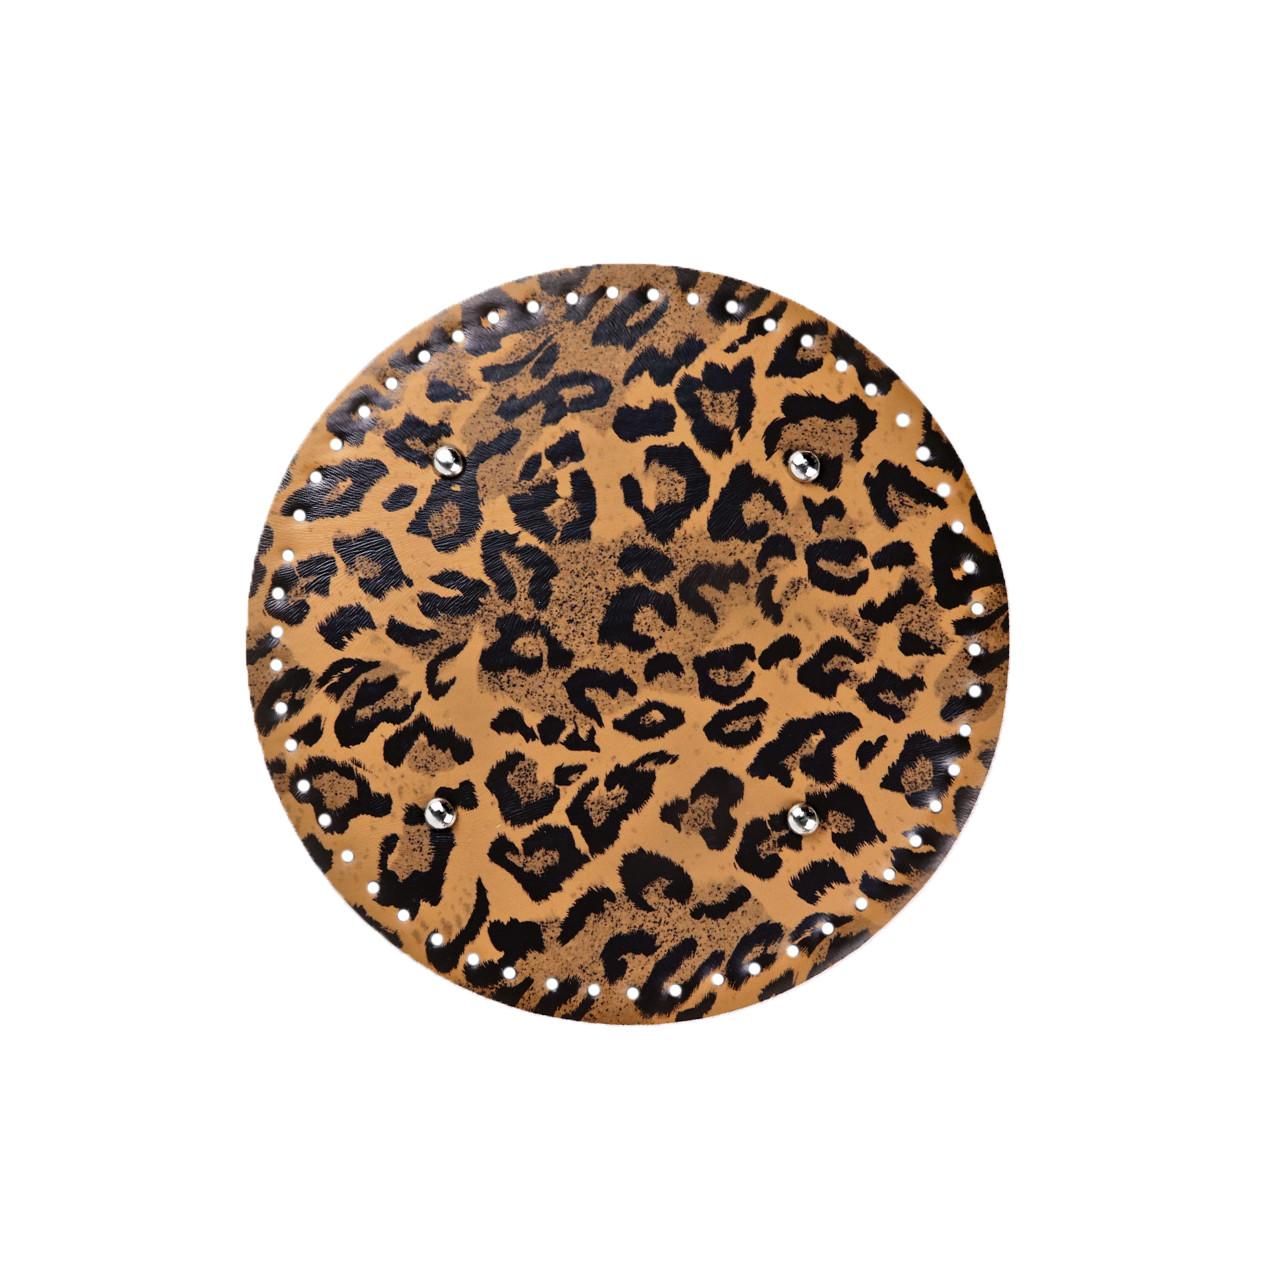 Кругле денце для сумки екокожа Тигровое Ø 22 см з ніжками фурнітура срібло